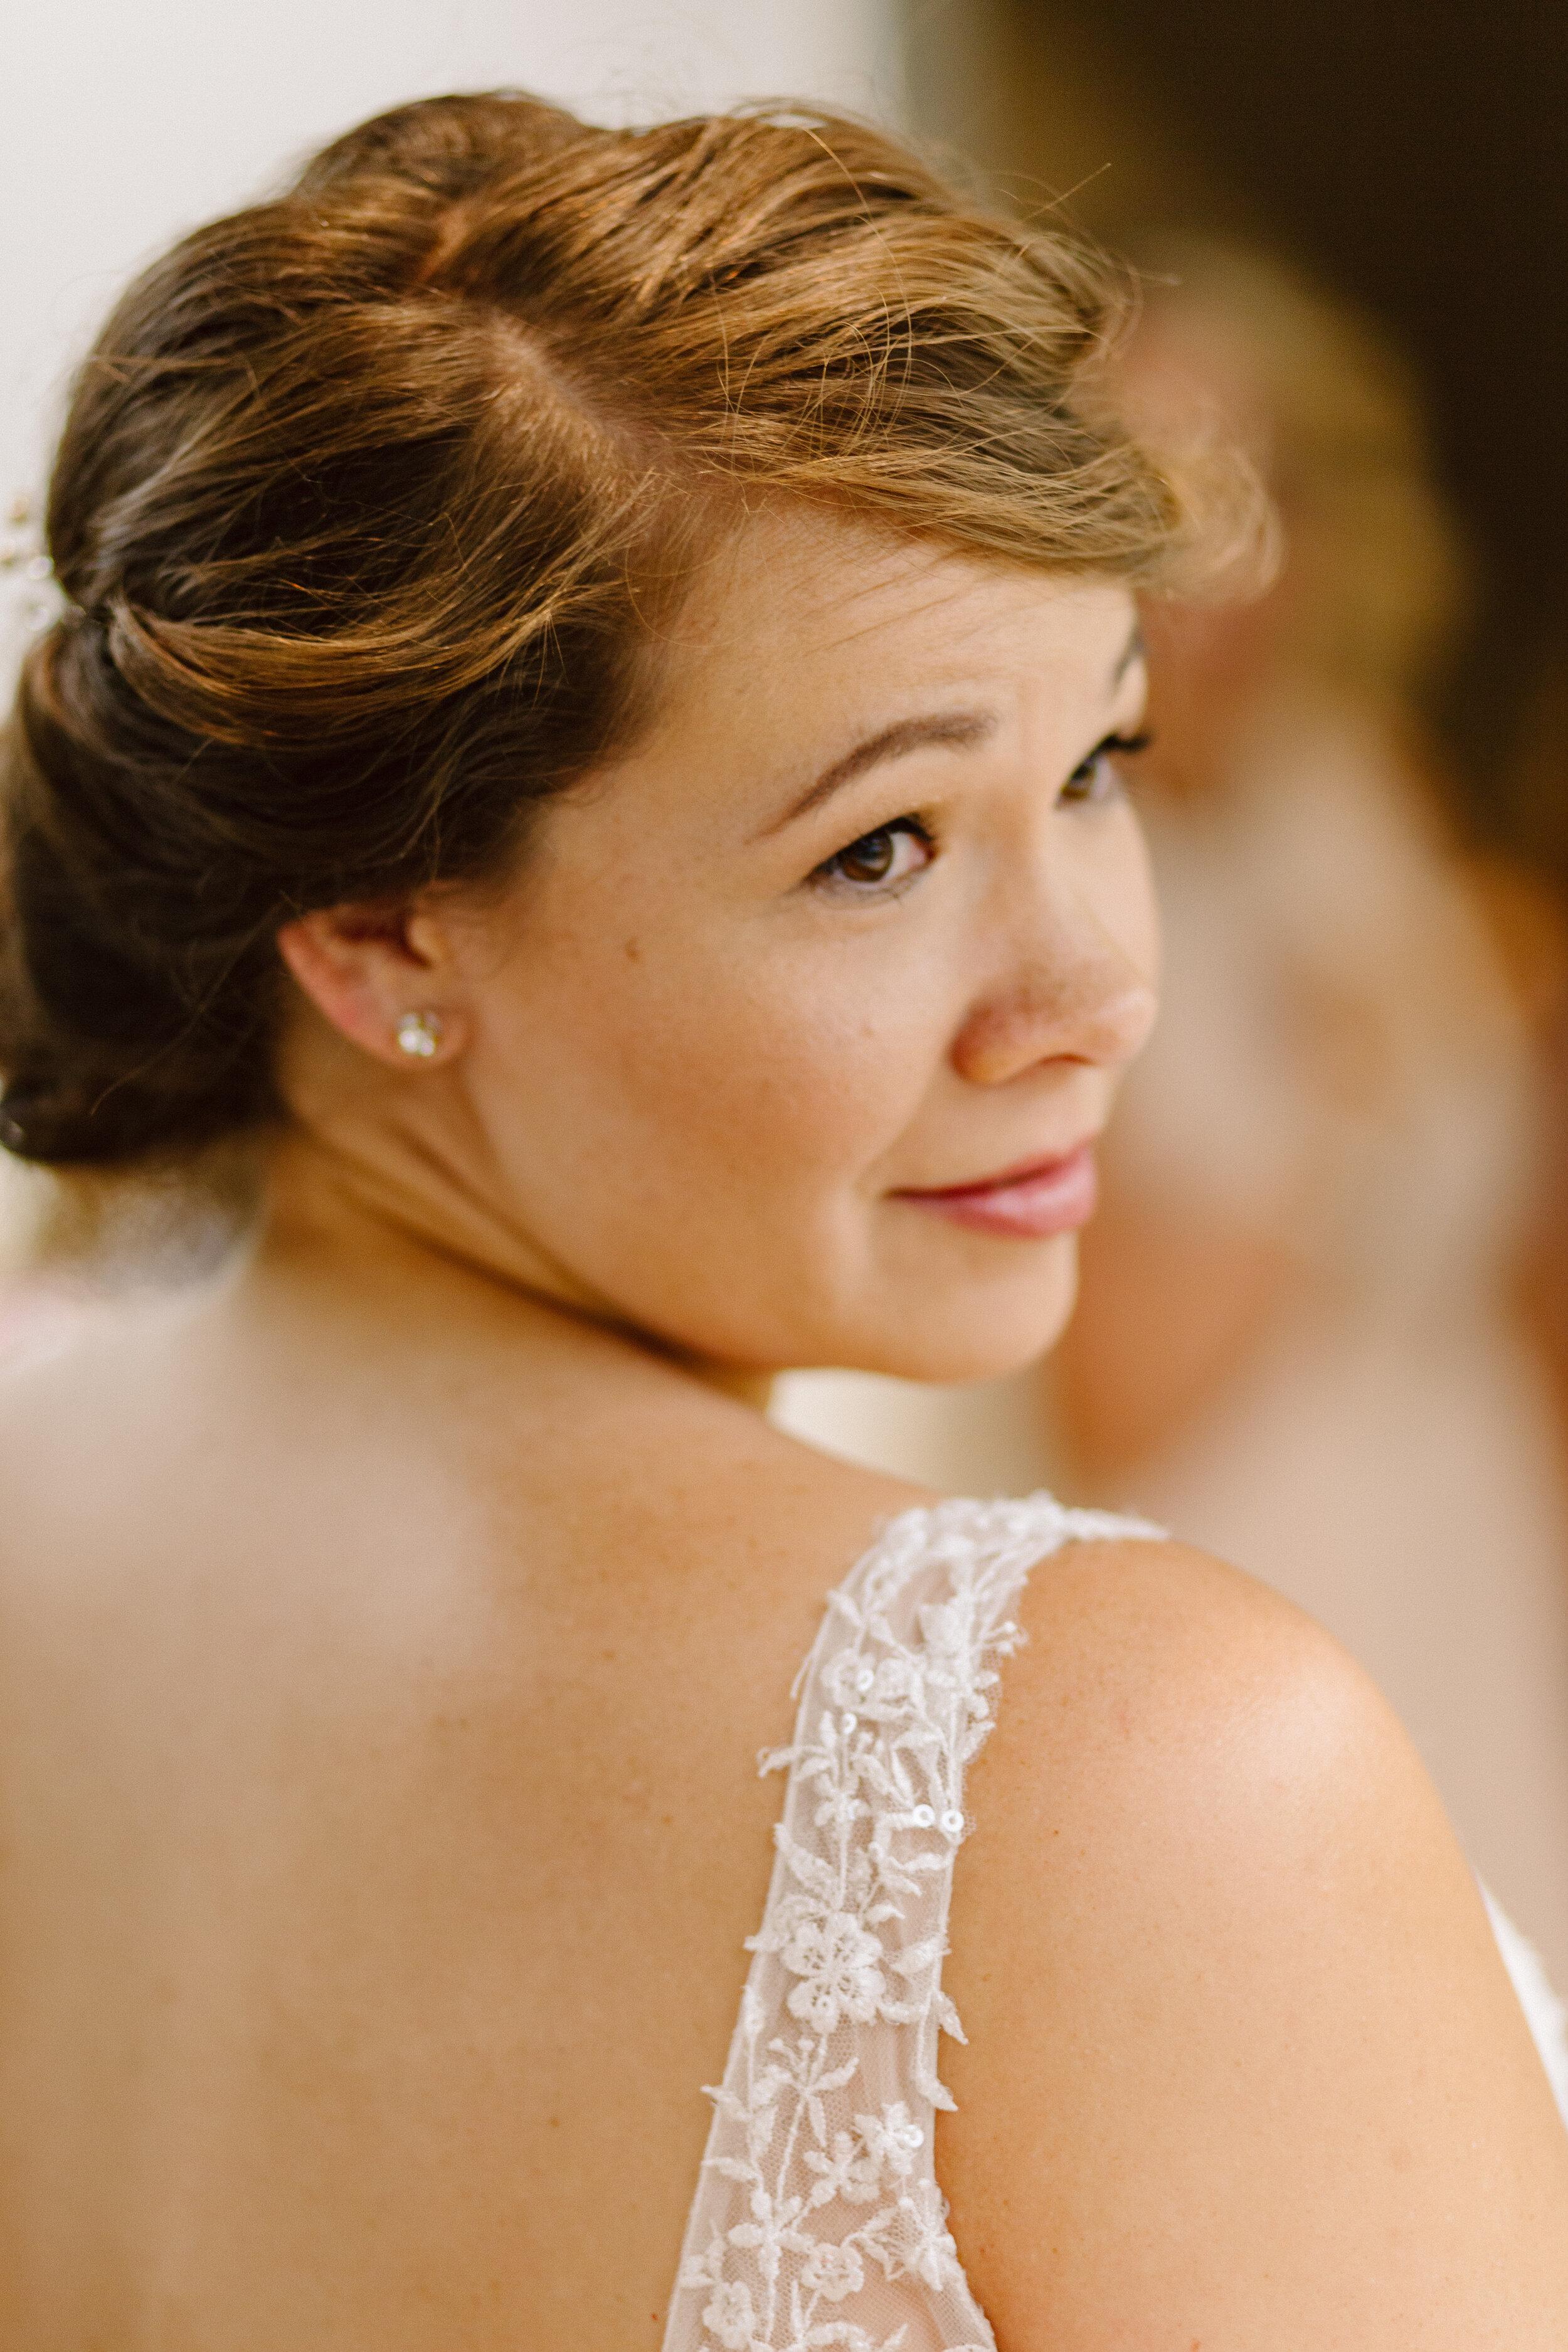 S&B Wedding - Getting Ready & Details-34.jpg